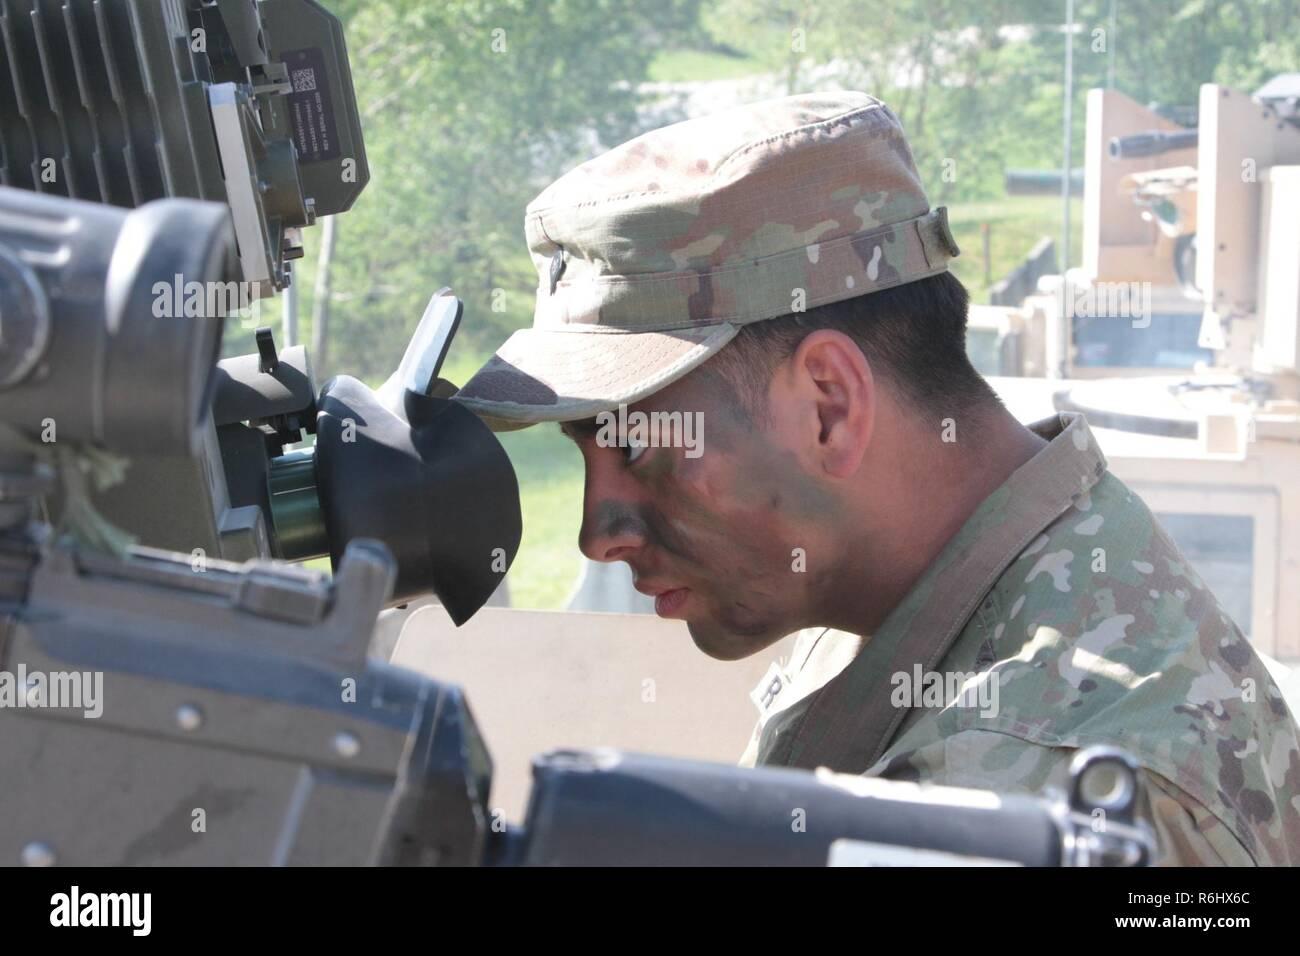 Spc Adrin Rodrguez De 2 Pelotn Compaa D Batalln Del 12 Regimiento